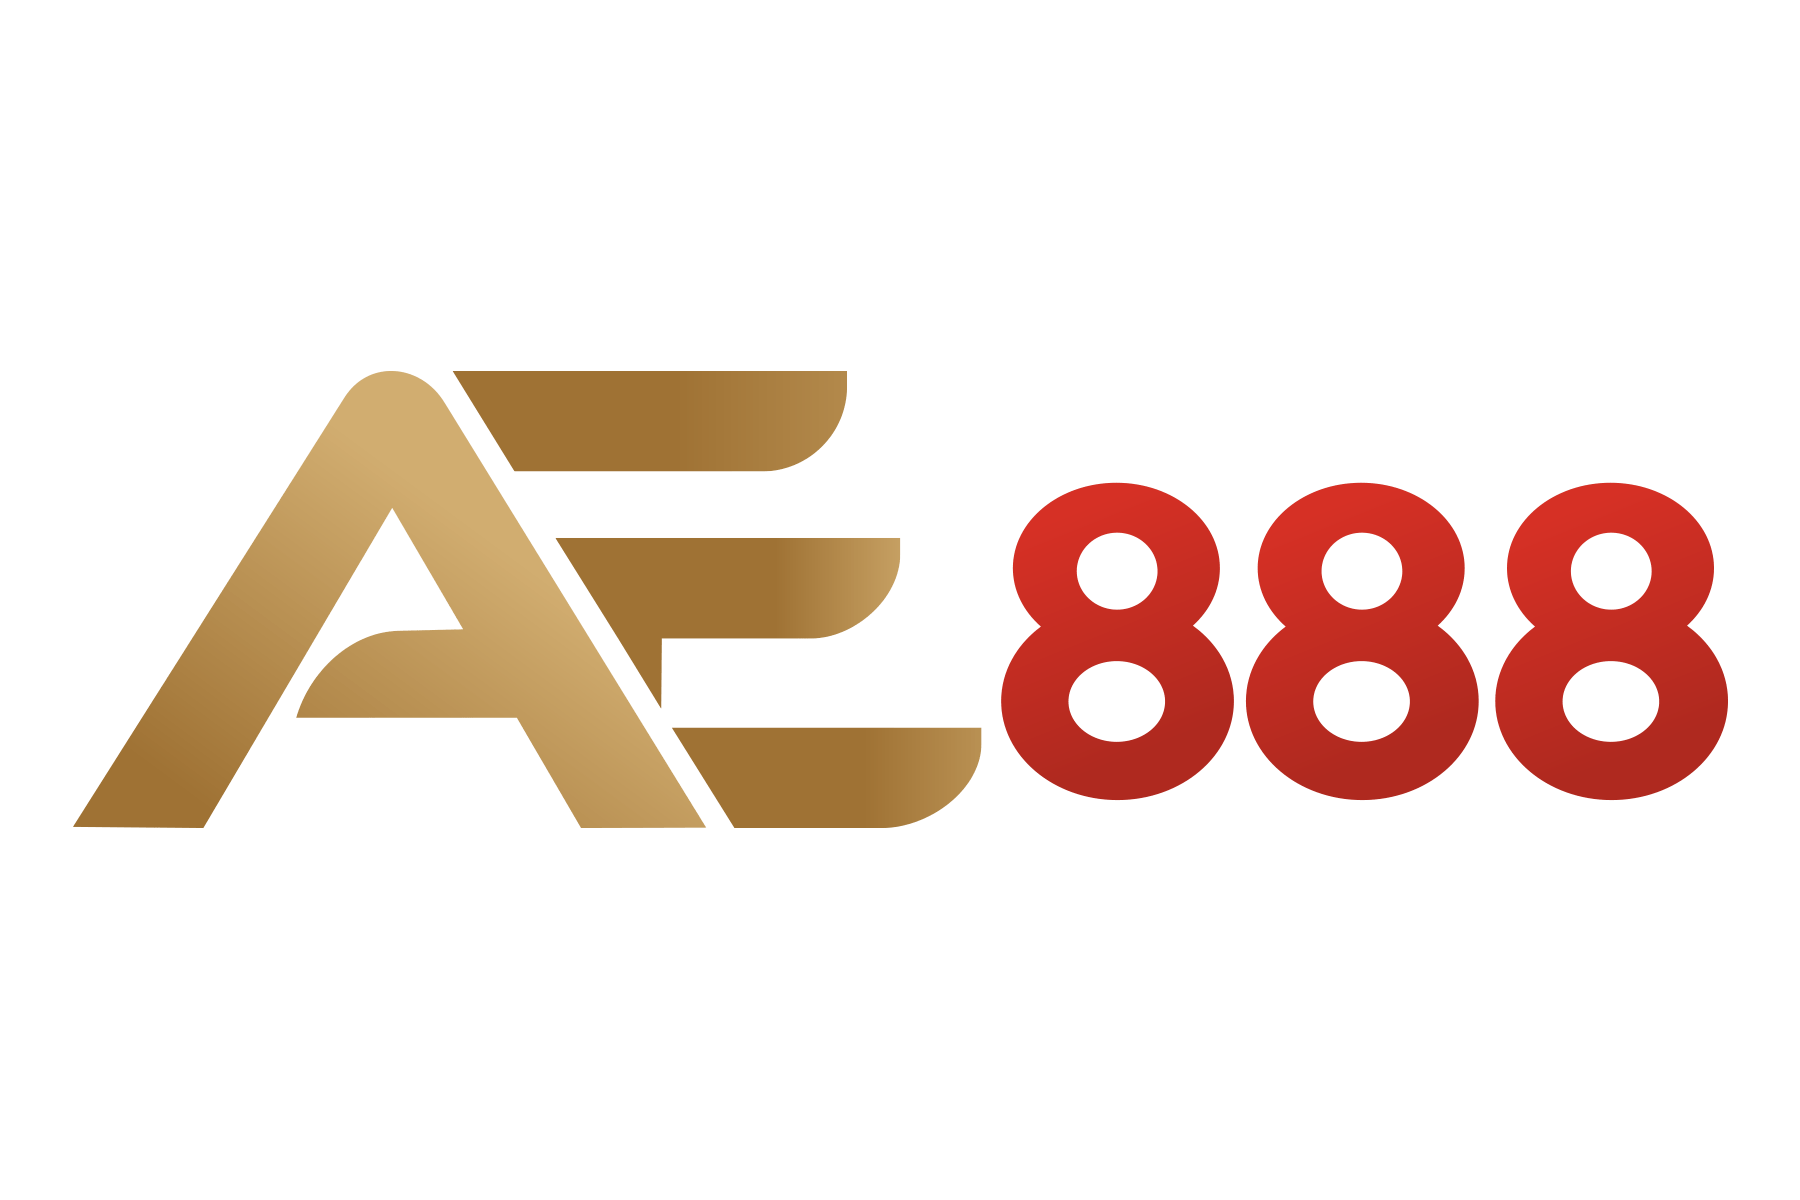 """AE888 – Link vào AE888 – Đánh giá AE888: """"Đỉnh cao nhà cái cá cược Châu Á"""""""